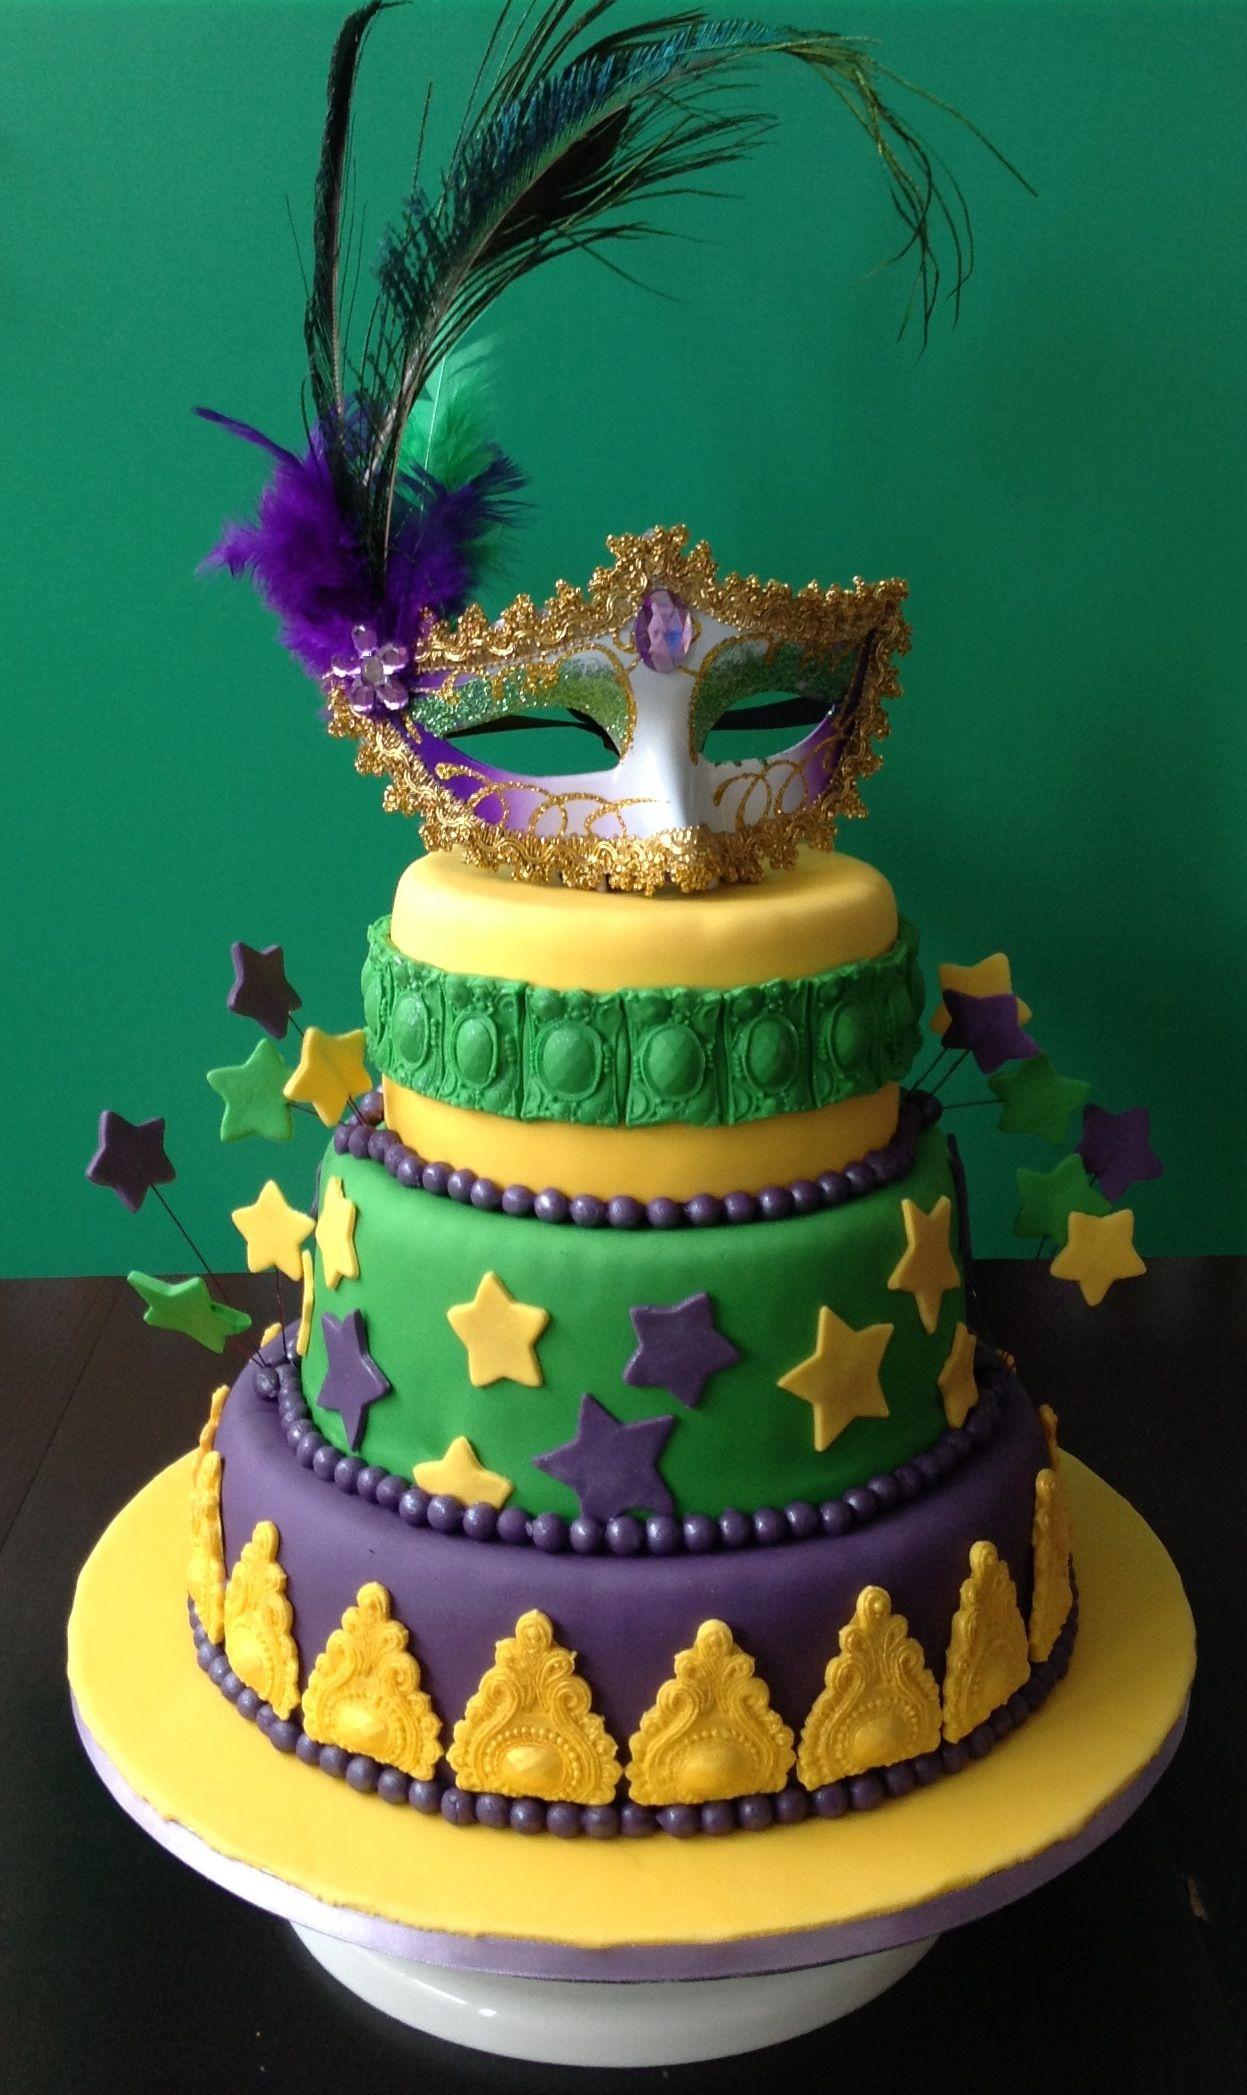 Mardi Gras Birthday Cake Vanillestokje Mardis Gras